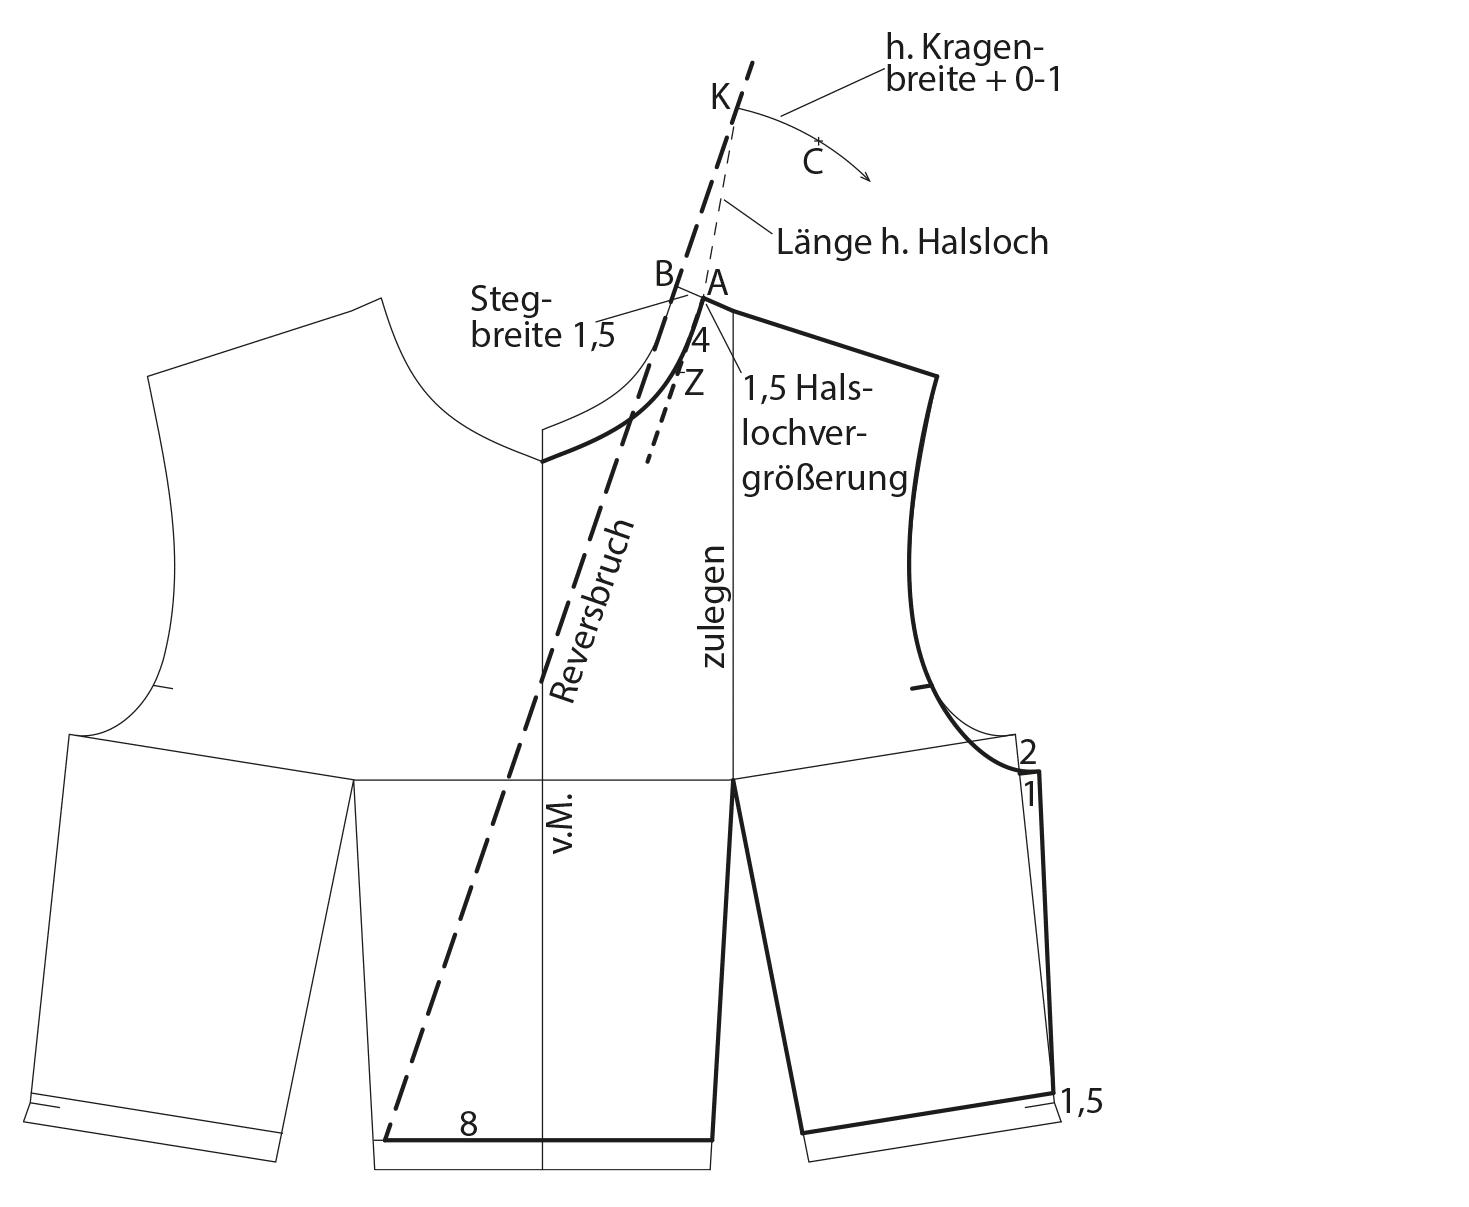 Zu sehen ist die Schnittkonstruktion eines Buisness Overalls.